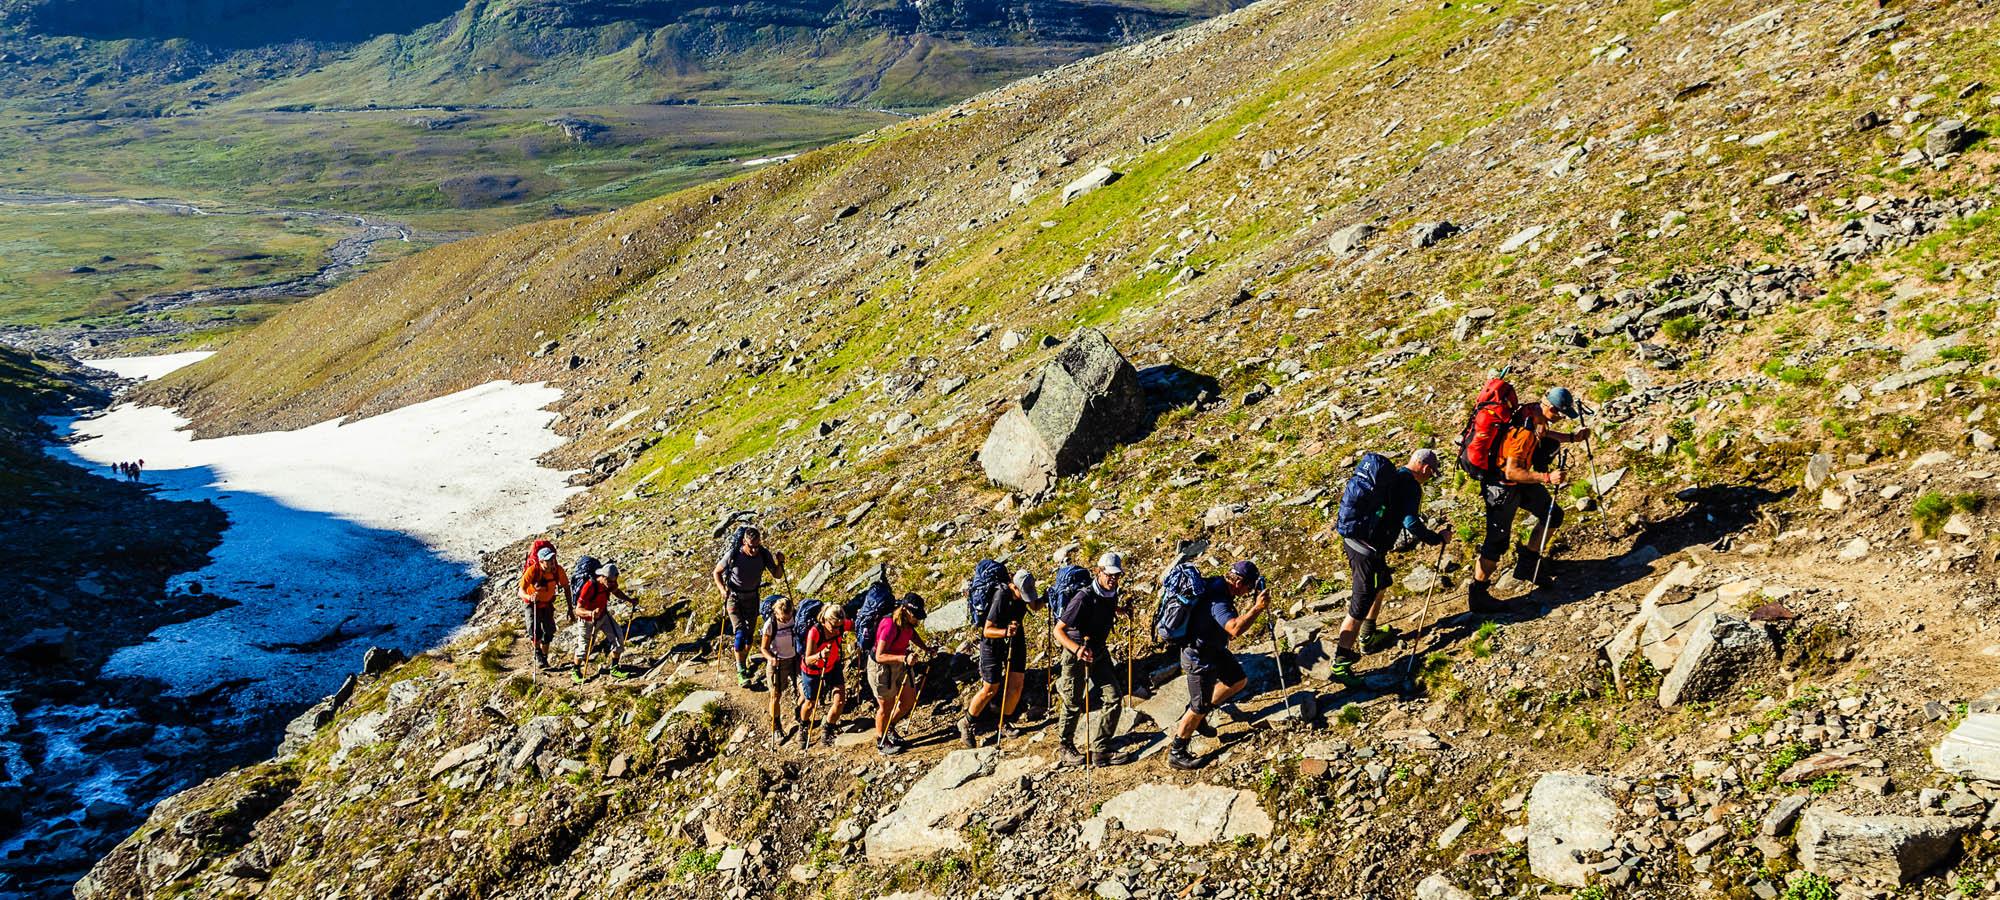 Vandra i Kebnekaise under ledning av guider | Swett